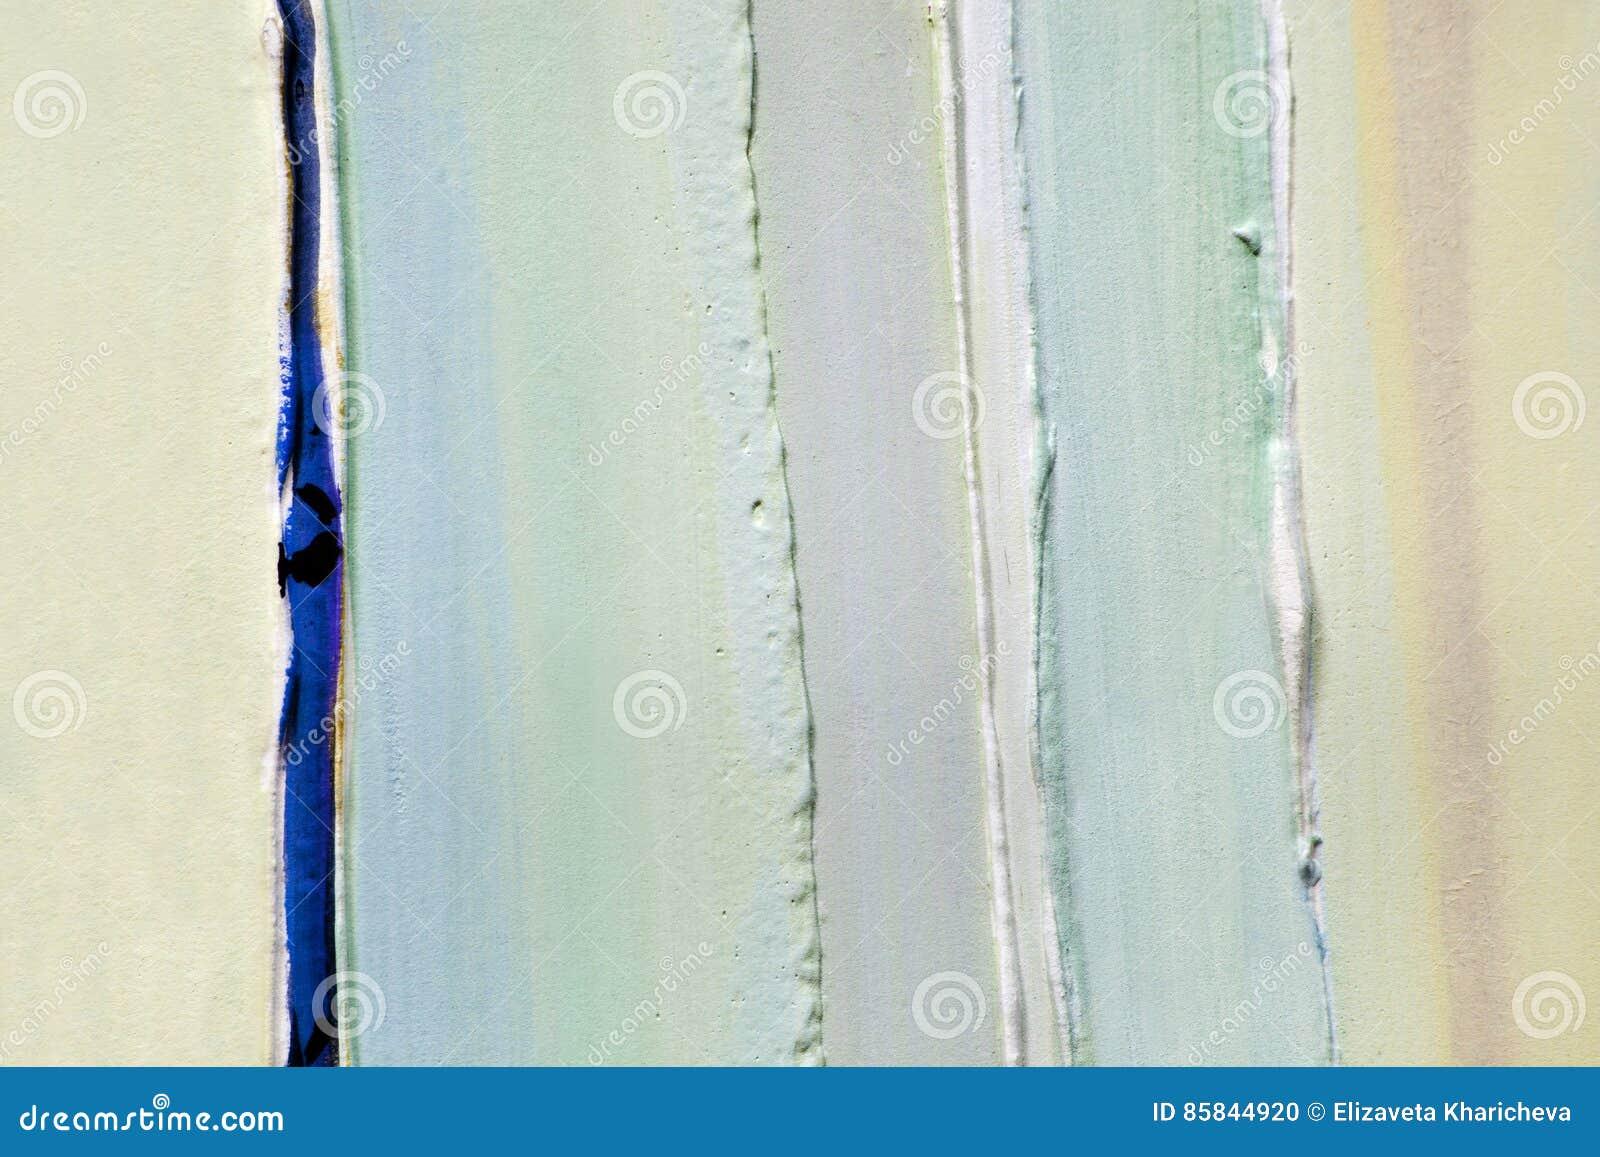 Ανοικτό πράσινο λουρίδες των παχιών στρωμάτων του χρώματος, ασβεστοκονίαμα